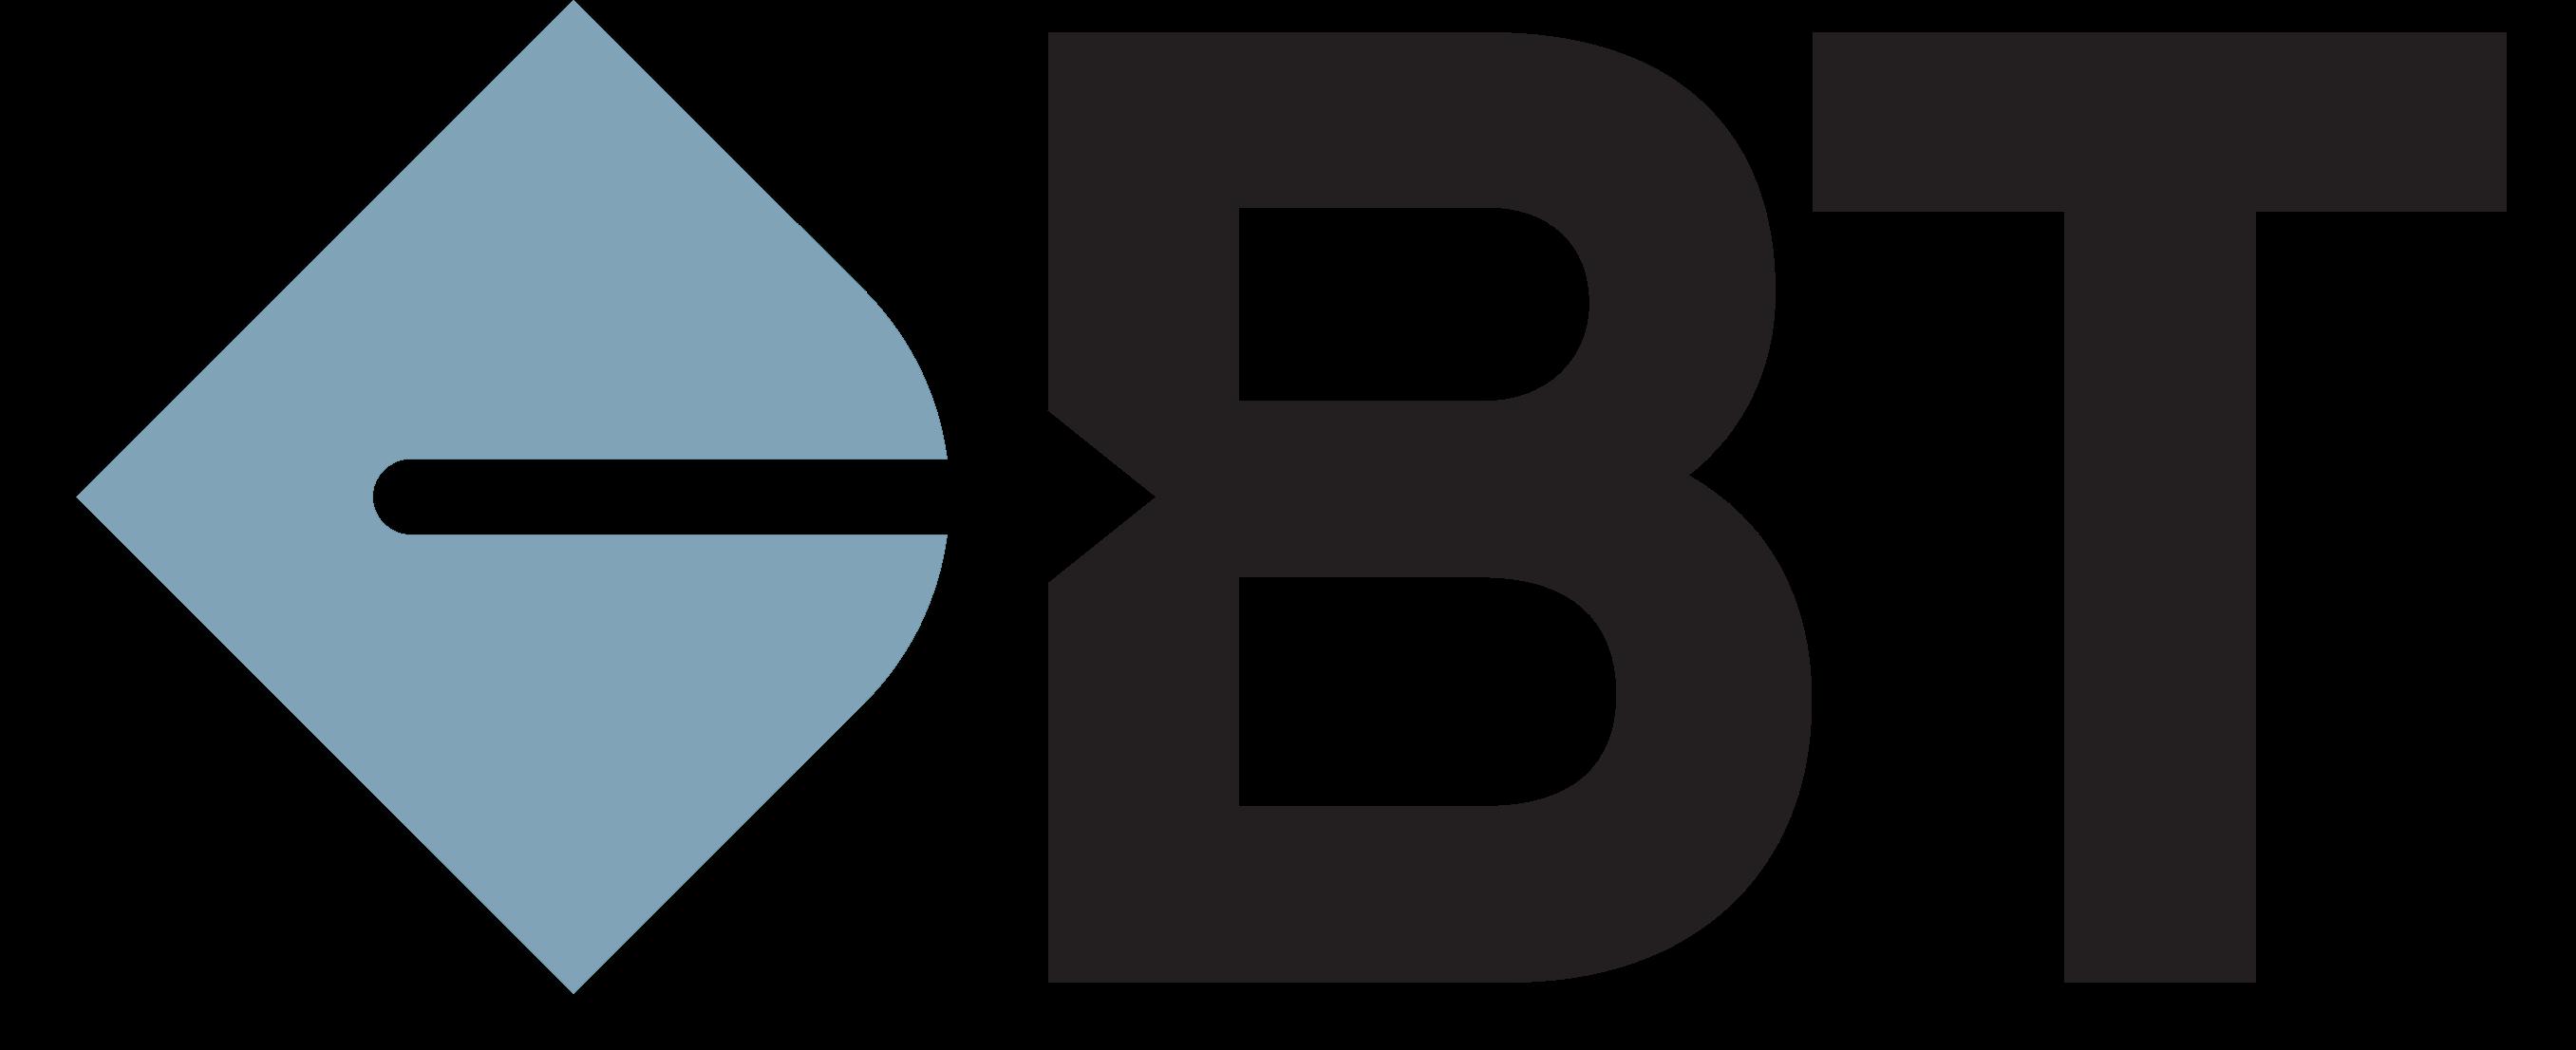 BT - logo